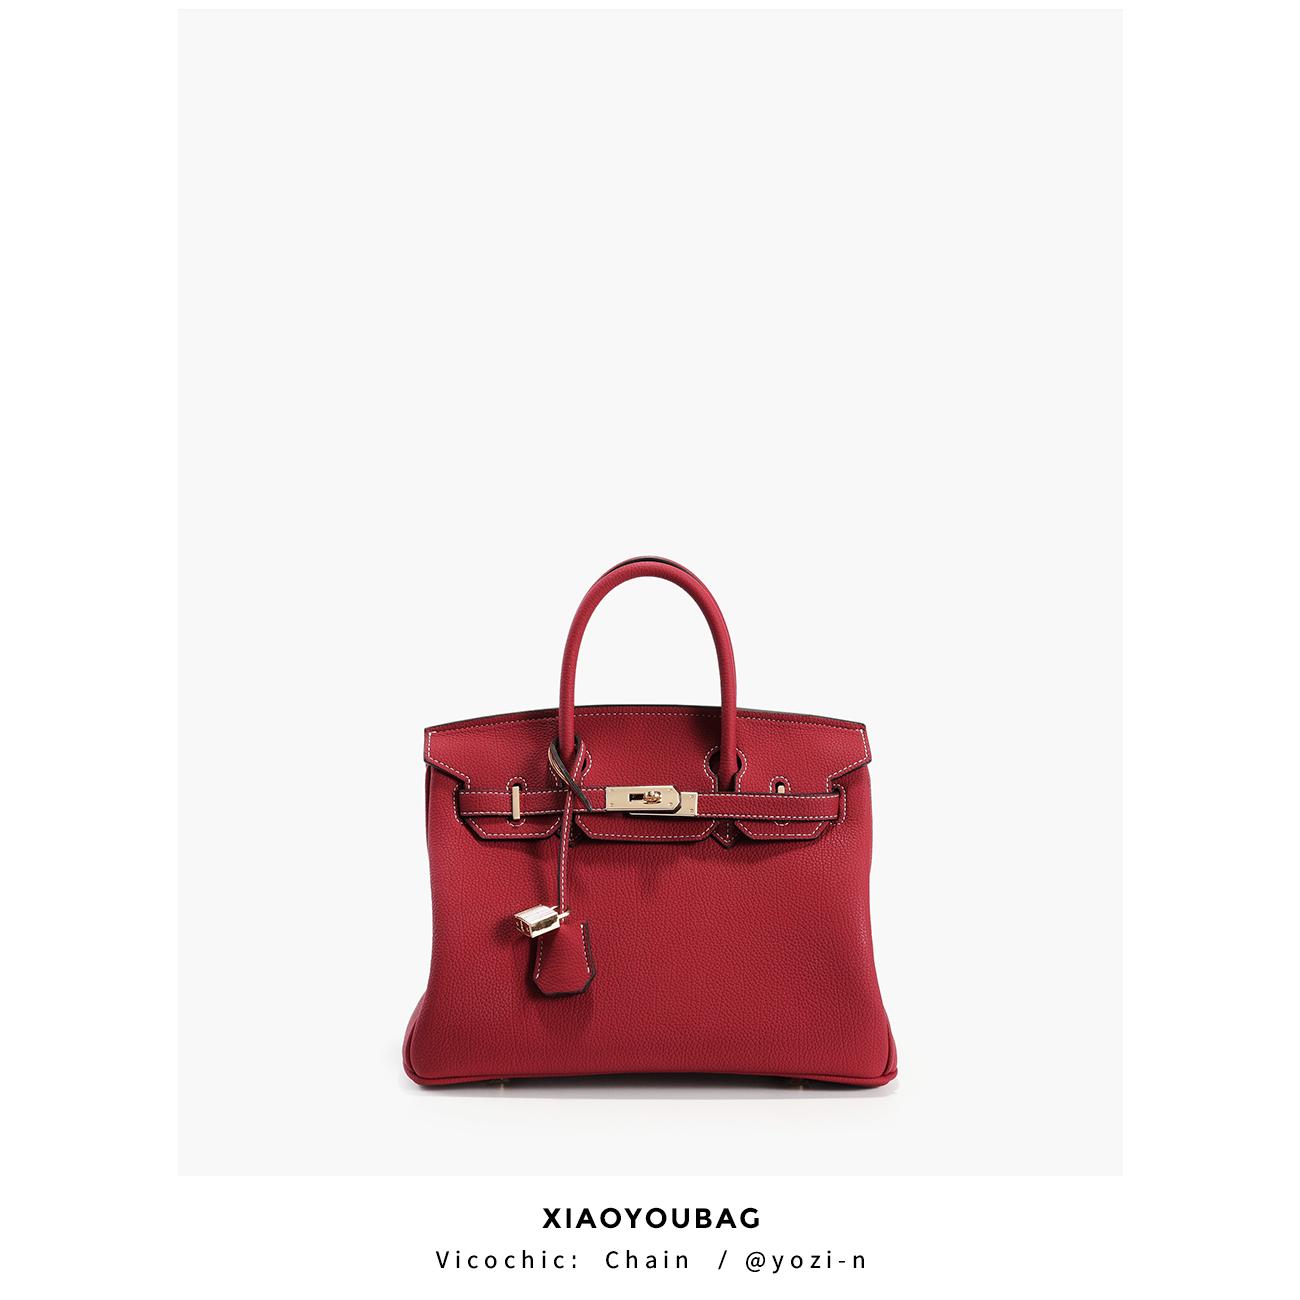 红色单肩包 小优家铂金包女2020新款单肩包简约红色新娘包结婚包手提包大包包_推荐淘宝好看的红色单肩包